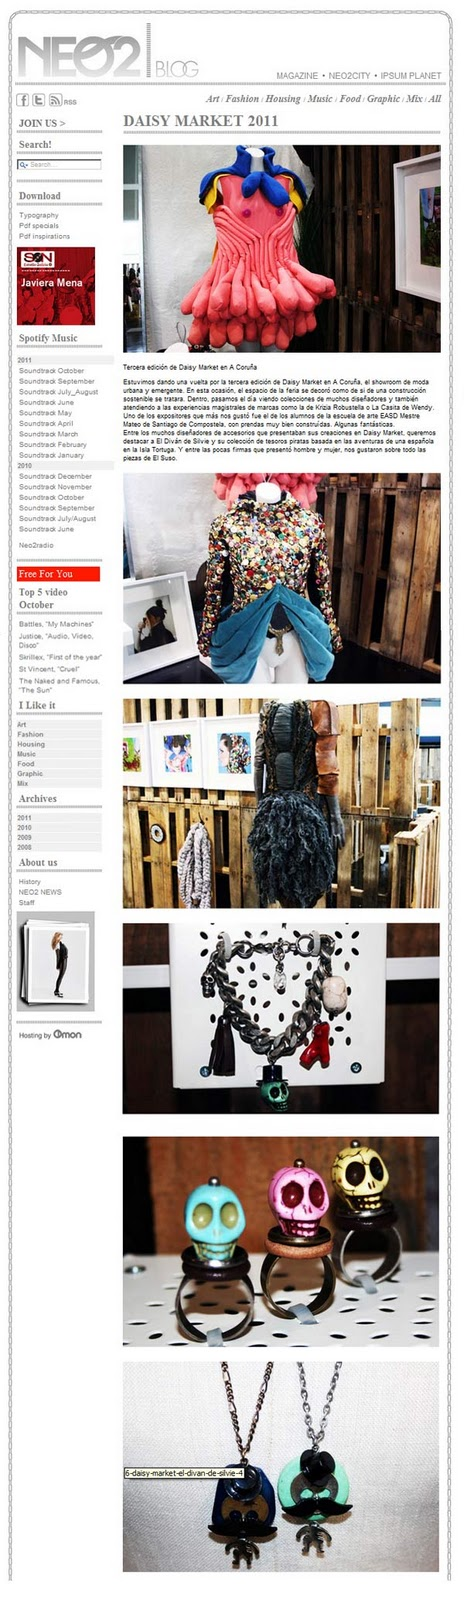 el divan de silvie, bisuteria, venta on line